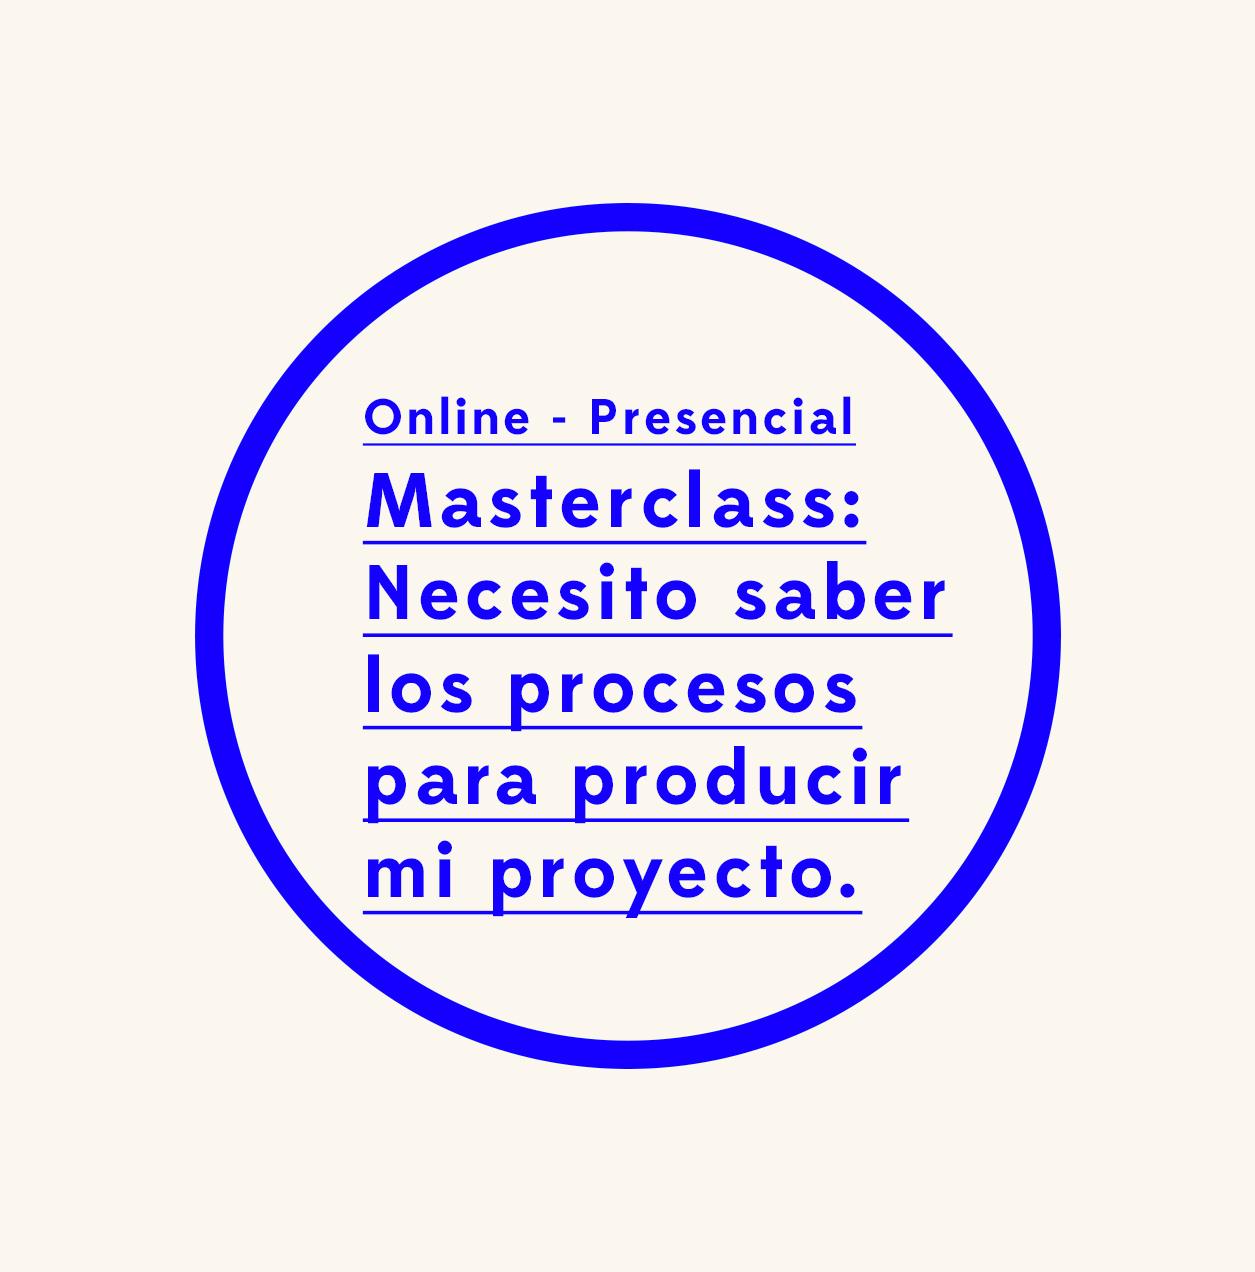 Masterclass online: Necesito saber los procesos para producir mi proyecto